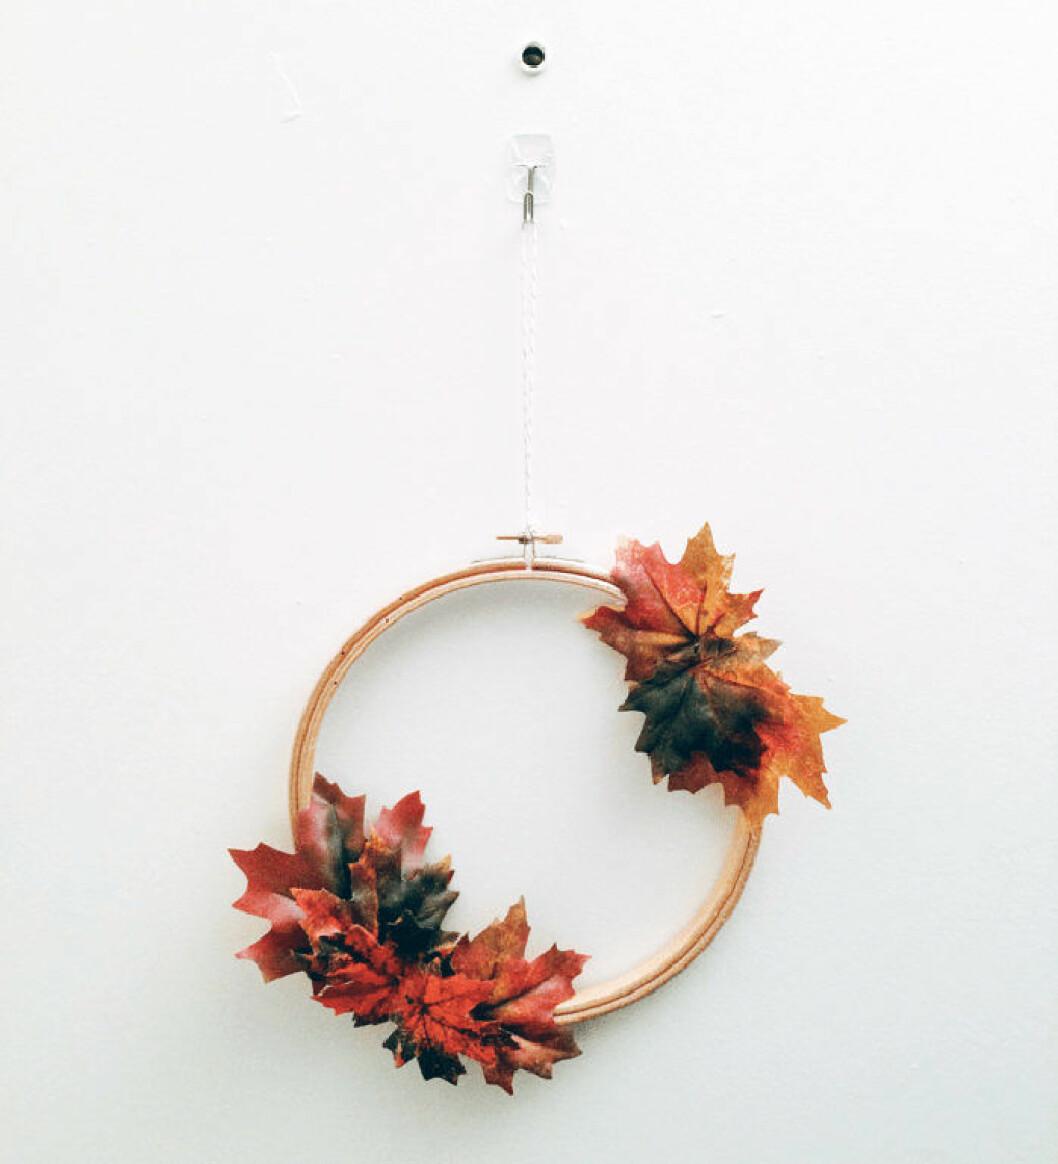 Höstkrans med löv